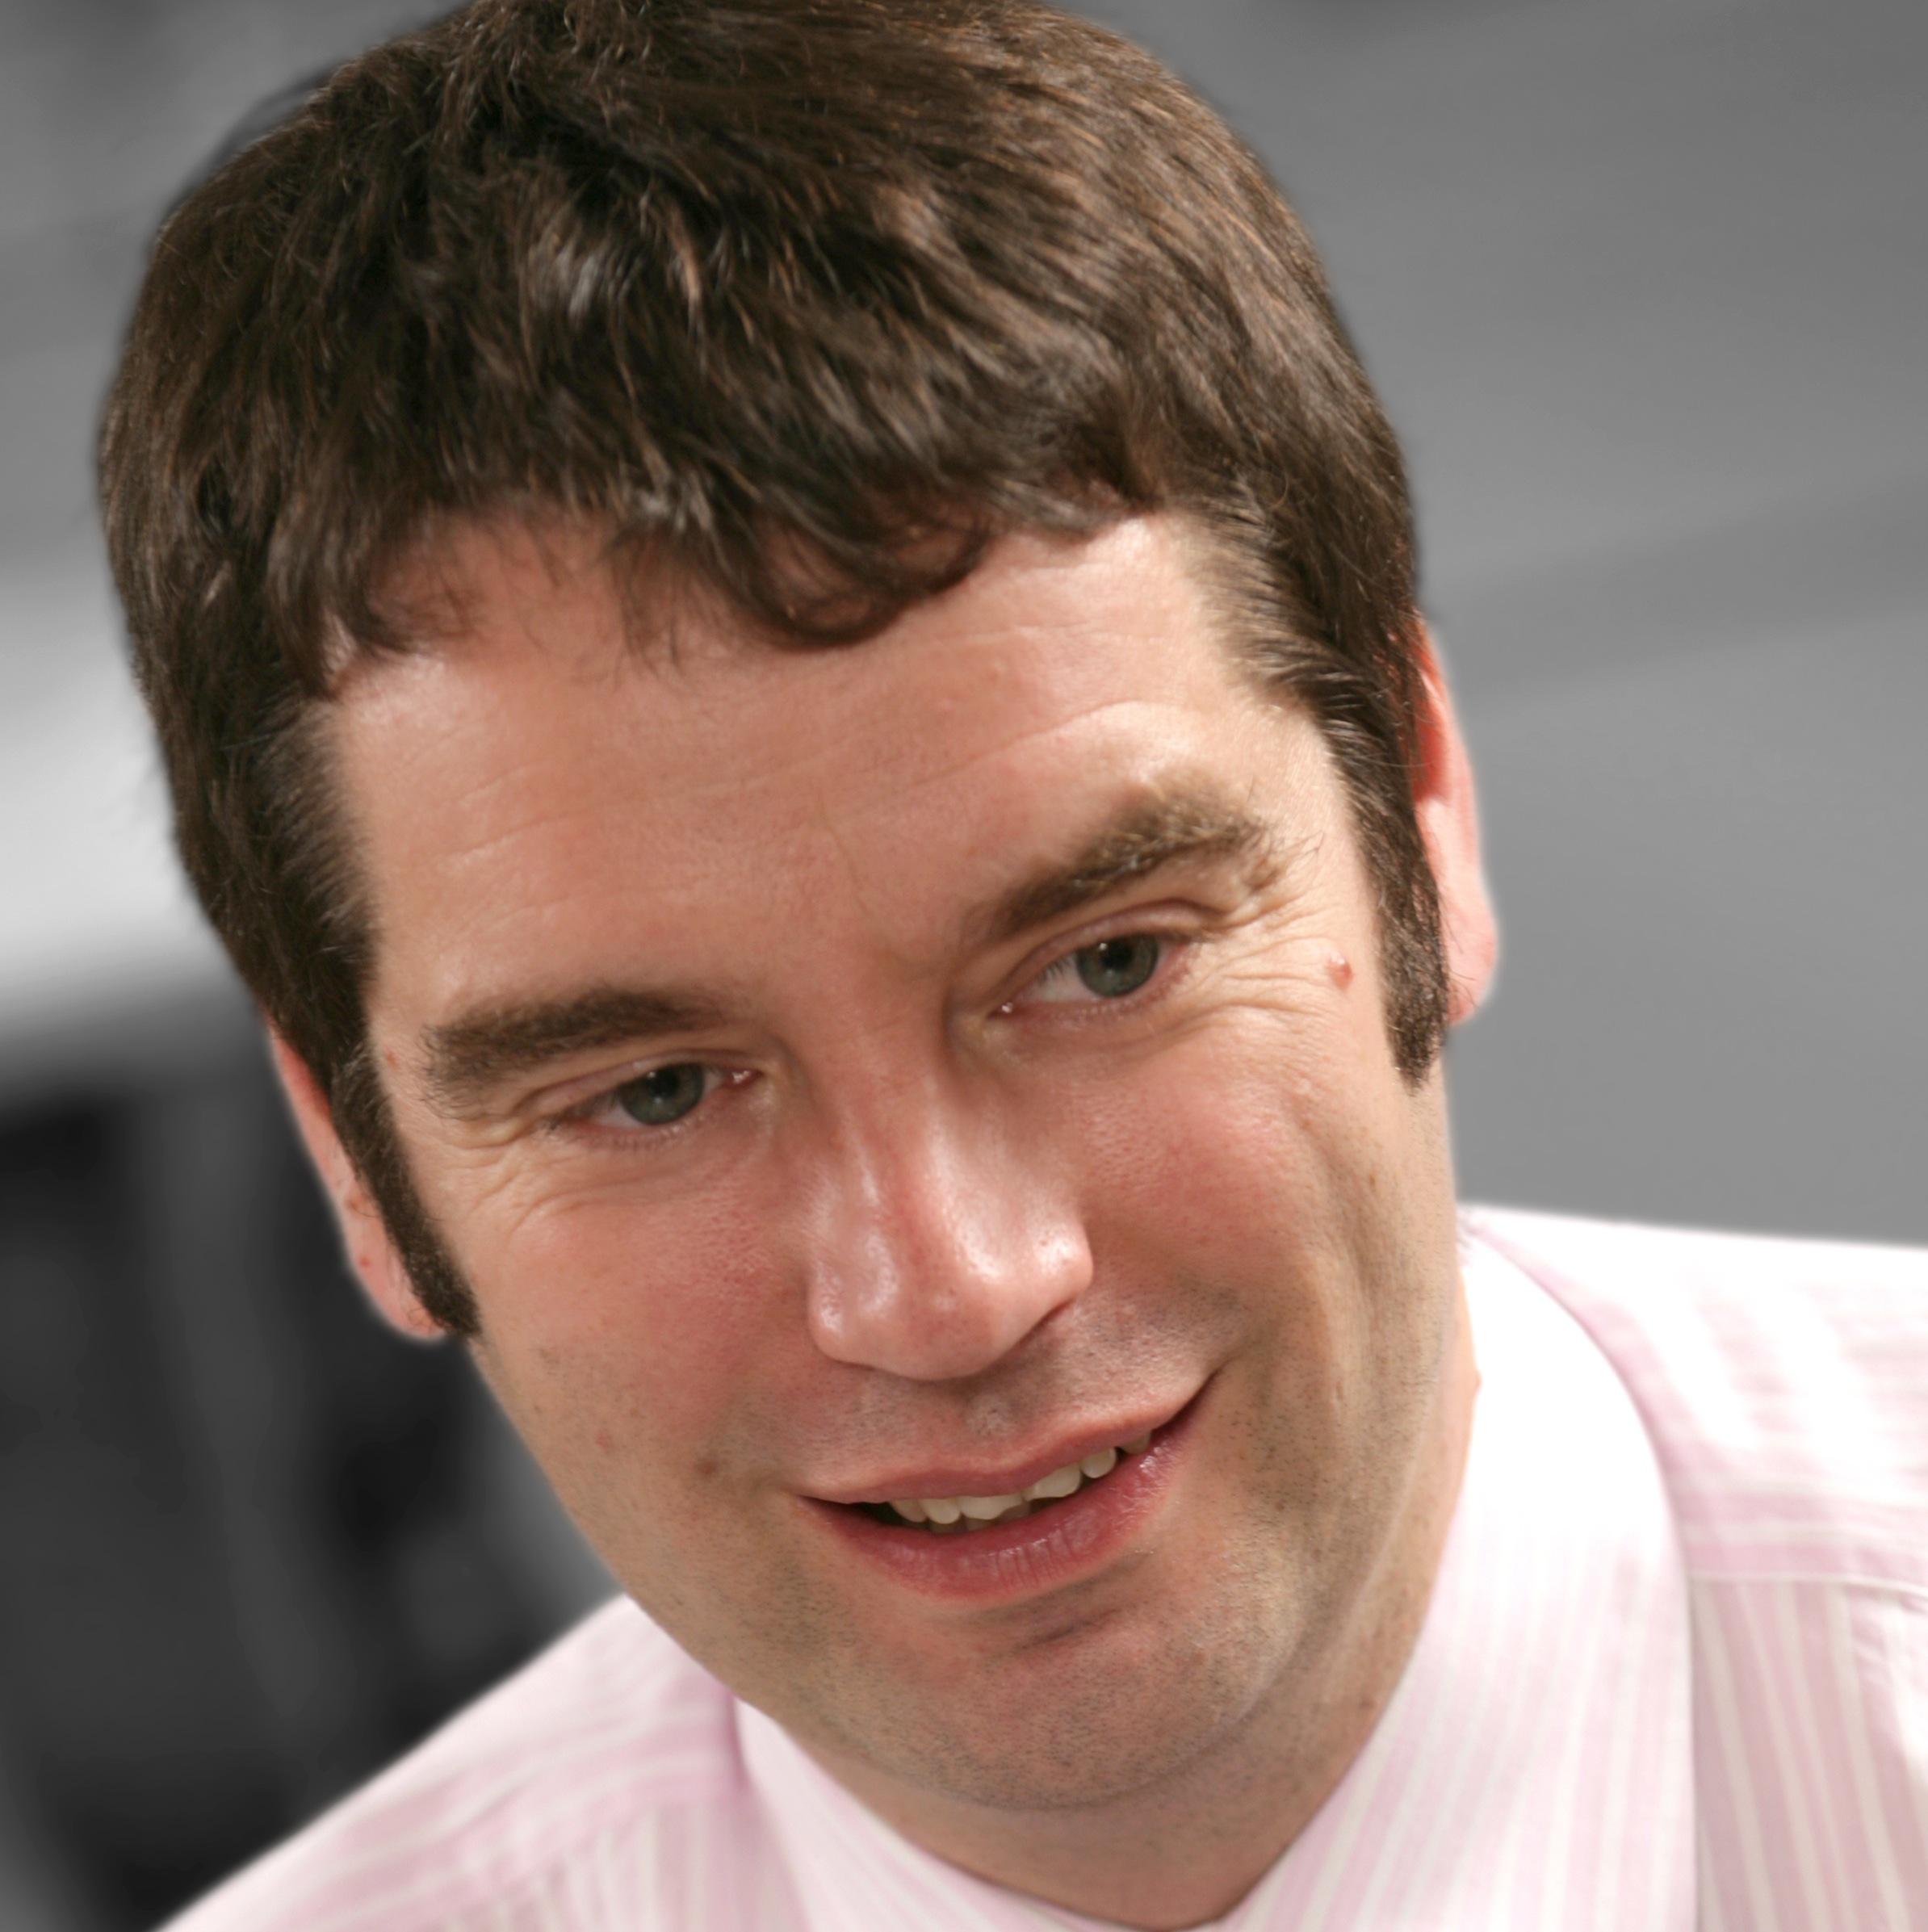 Iain Blatherwick